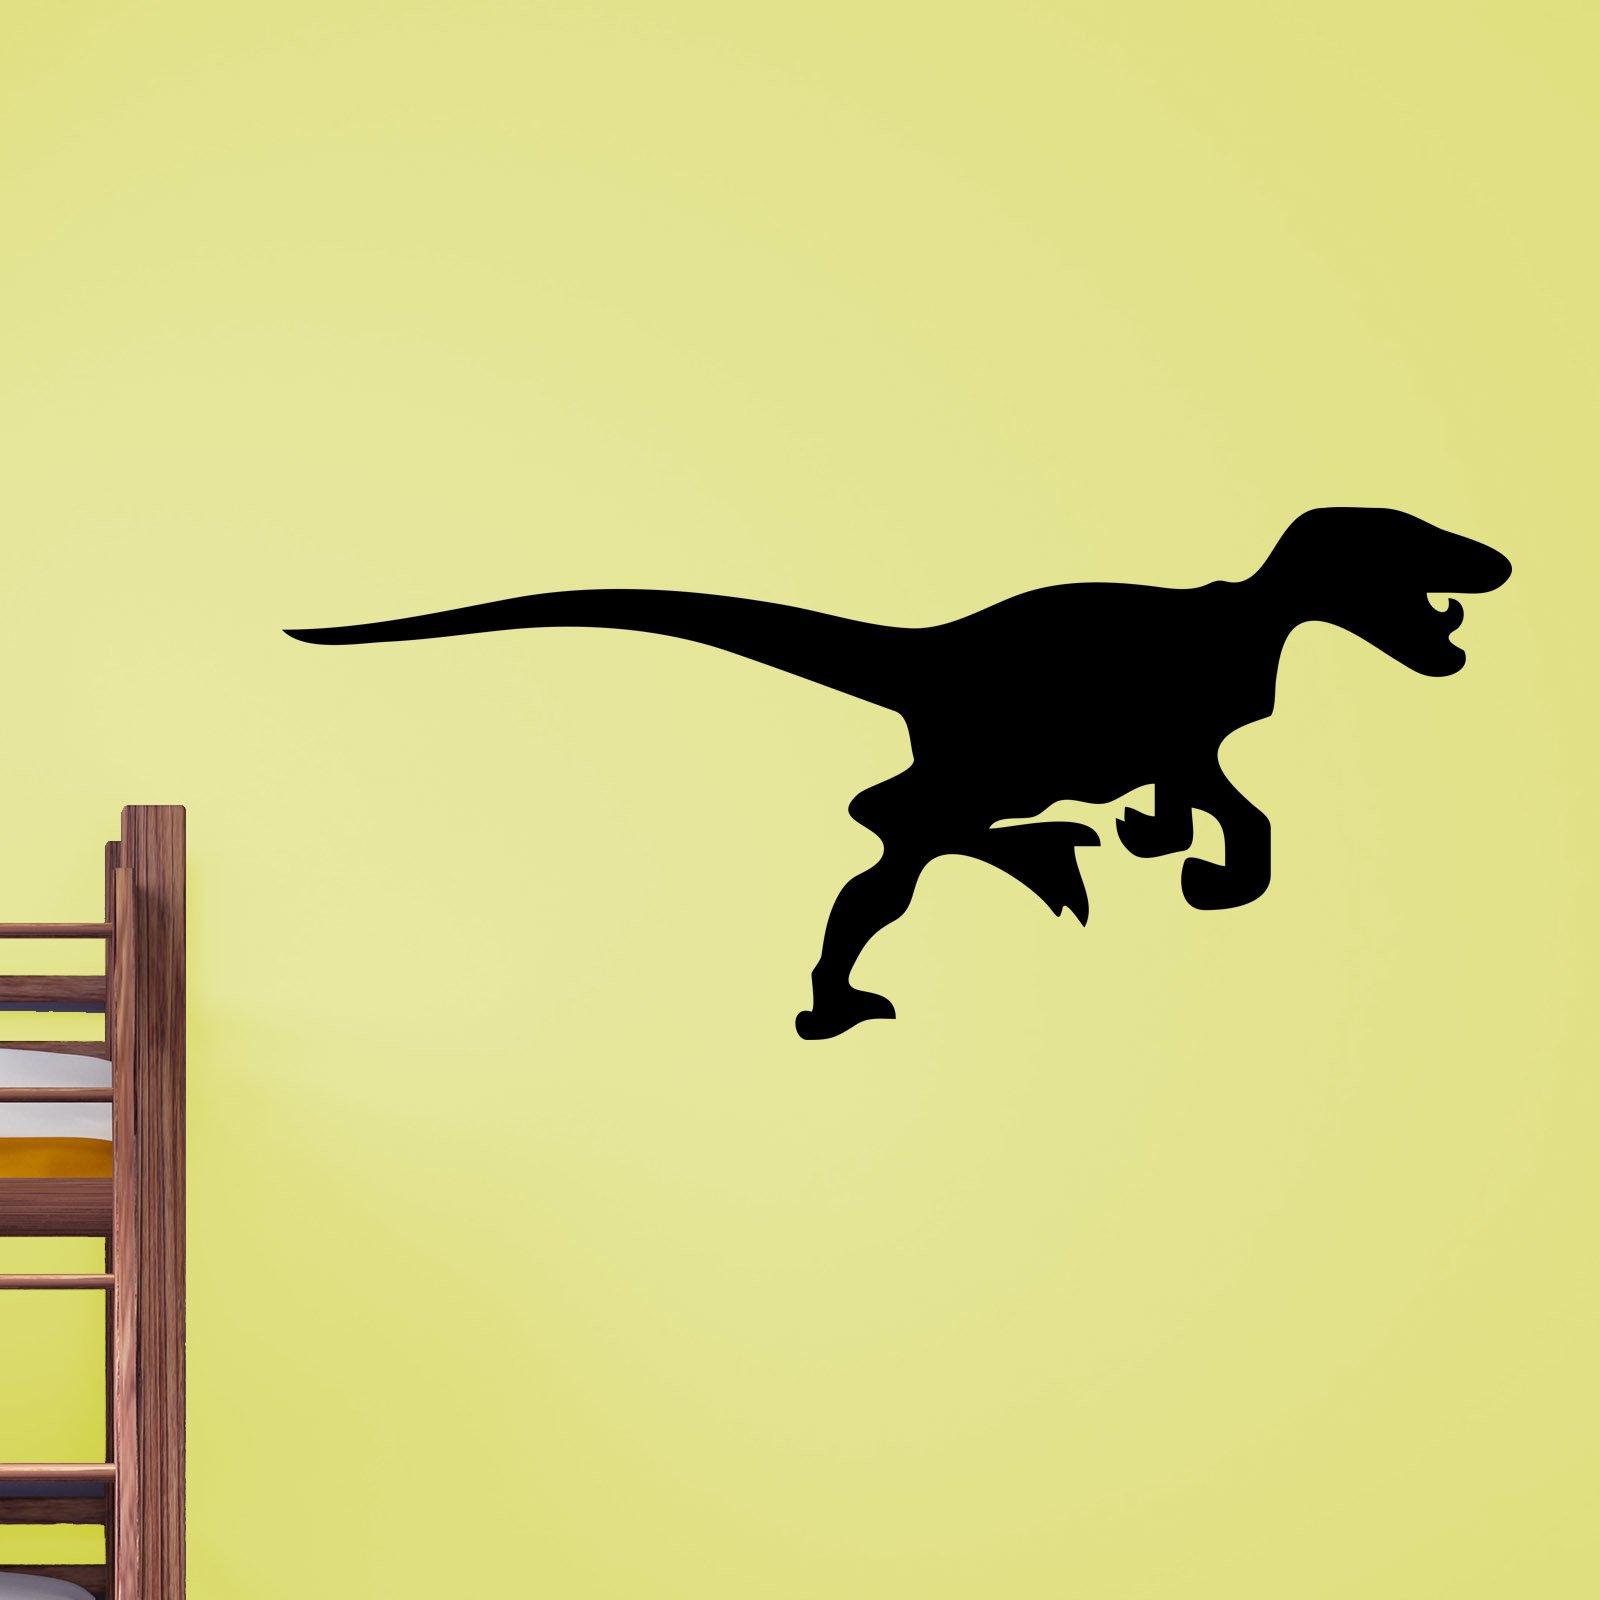 velociraptor dinosaur silhouette wall sticker world of wall stickers velociraptor dinosaur silhouette wall sticker decal a